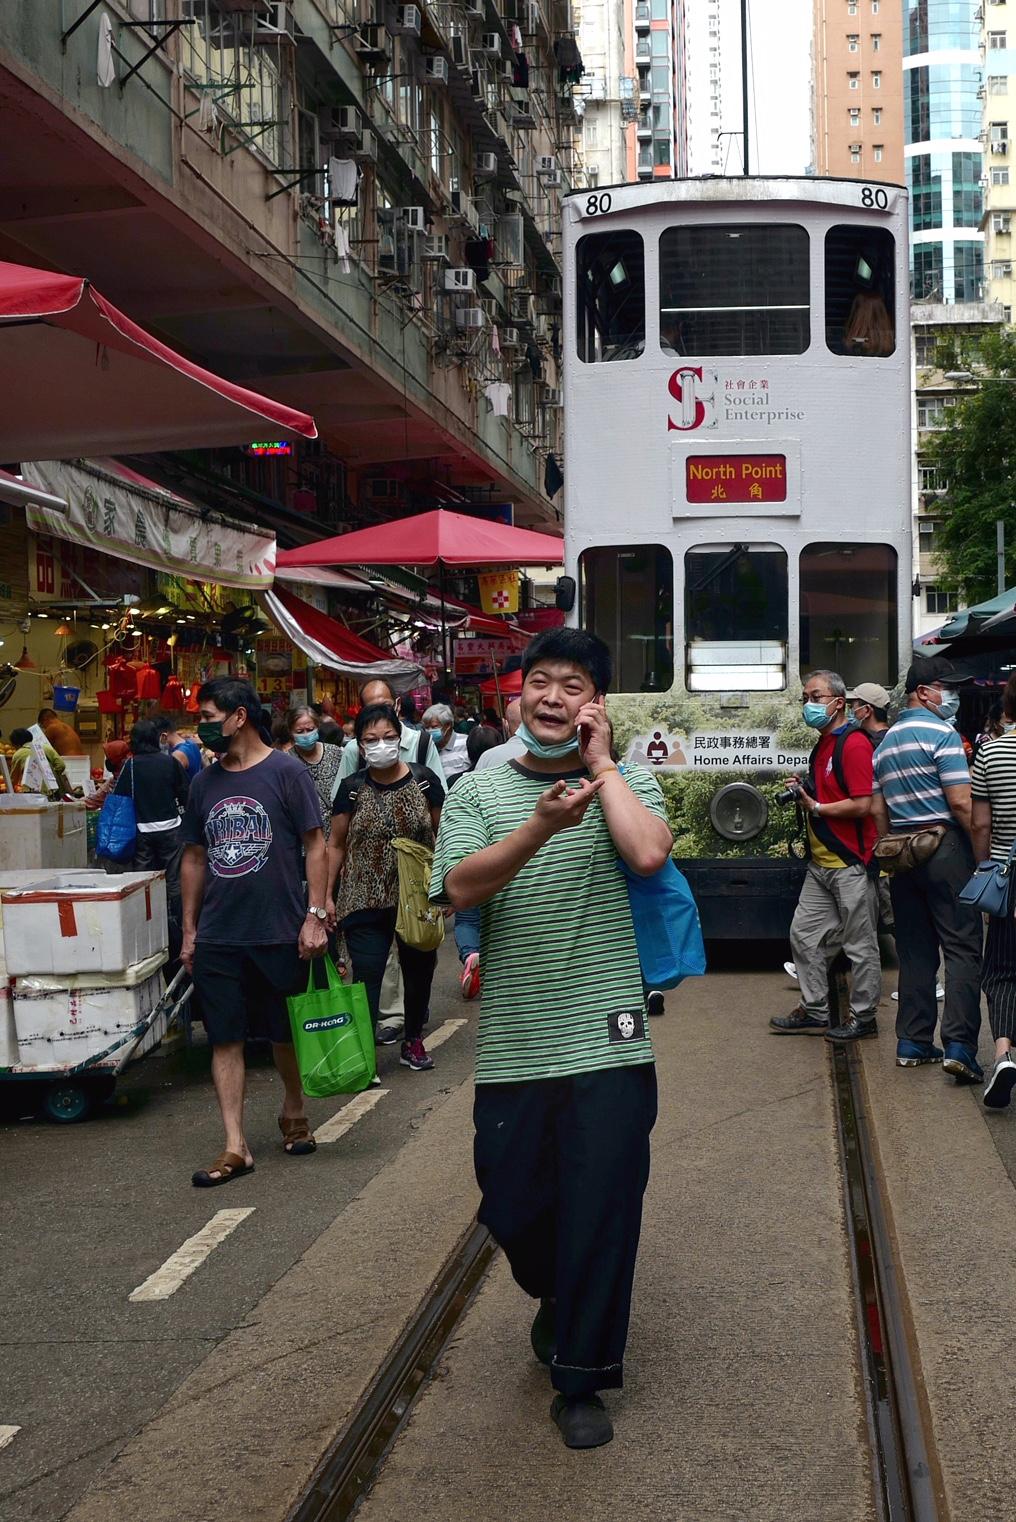 The Tram Market, Hong Kong